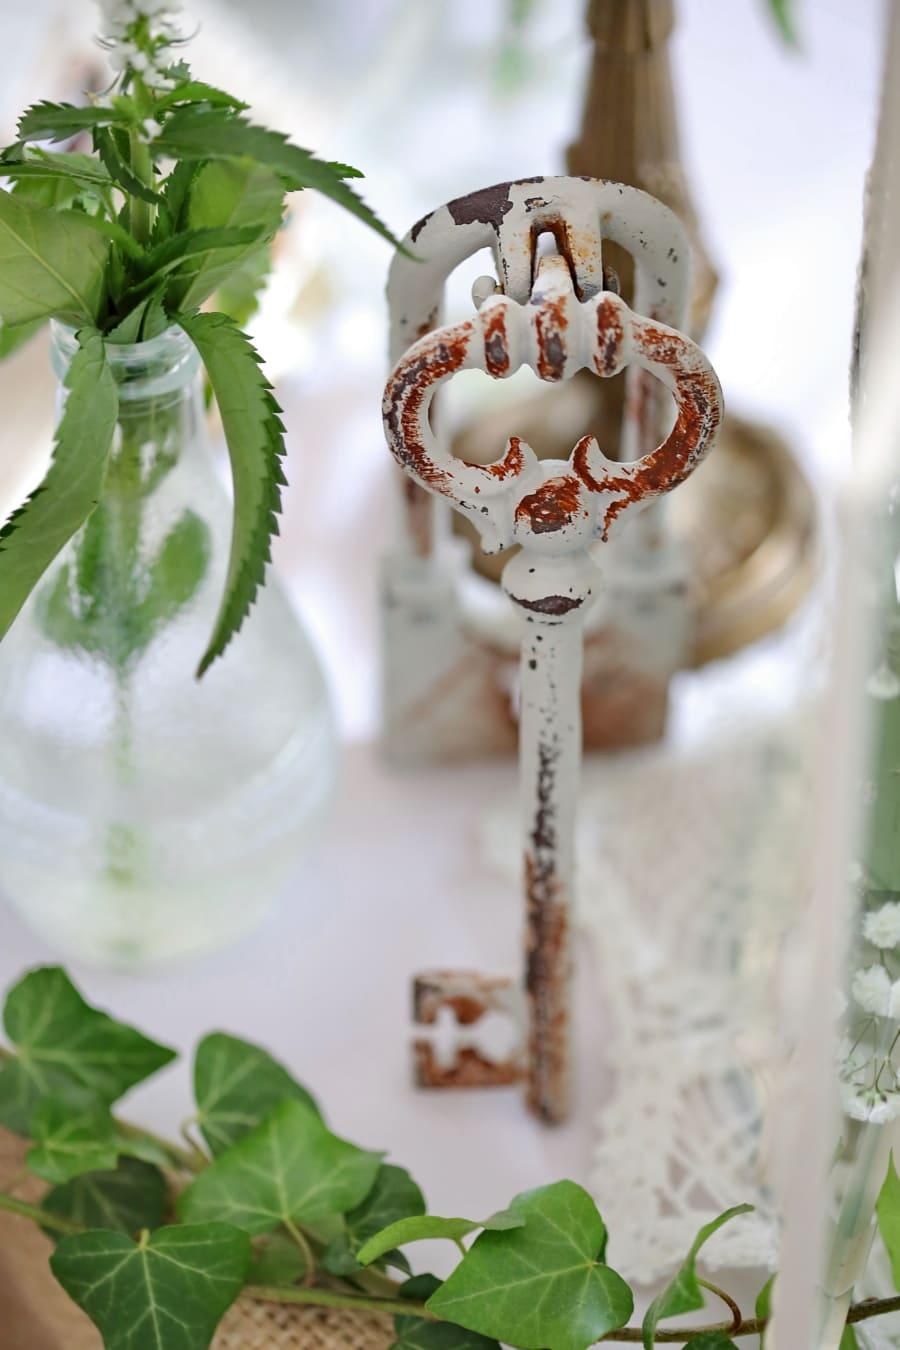 nyckel, metall nyckel, gamla, gammaldags, rost, metall, gammal stil, blad, dekoration, stilla liv